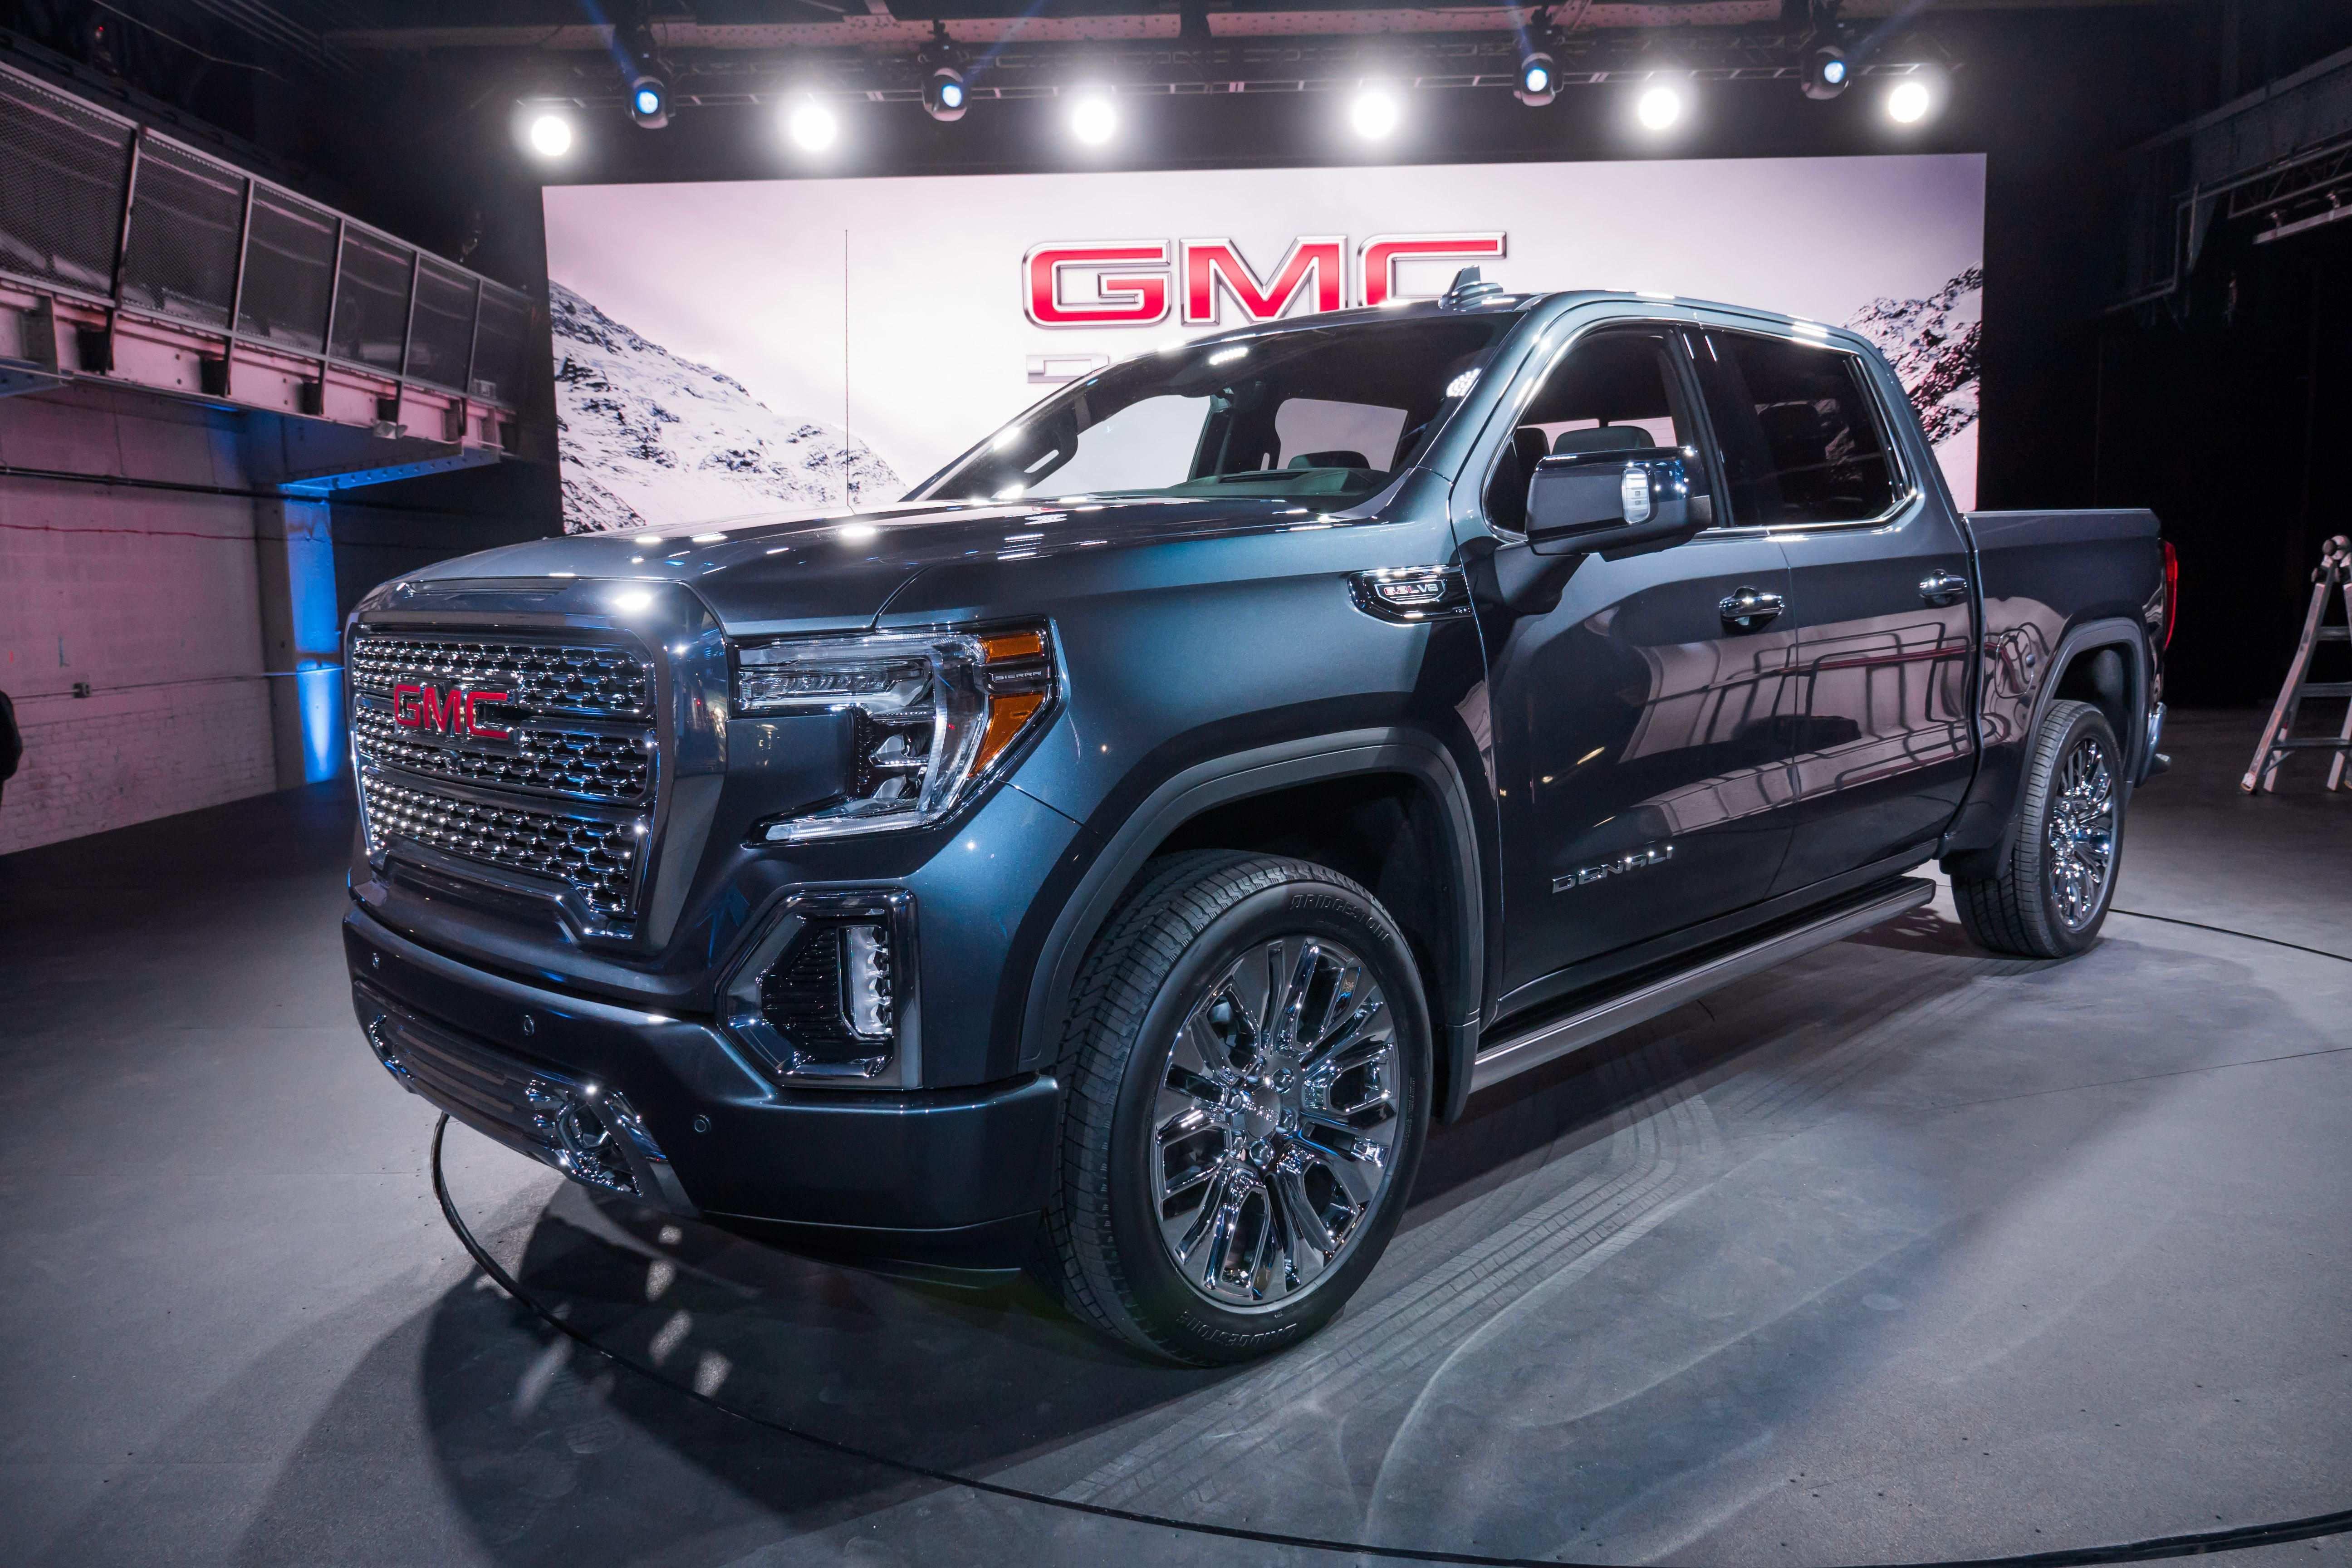 31 New 2019 Gmc 3 0 Diesel Exterior by 2019 Gmc 3 0 Diesel